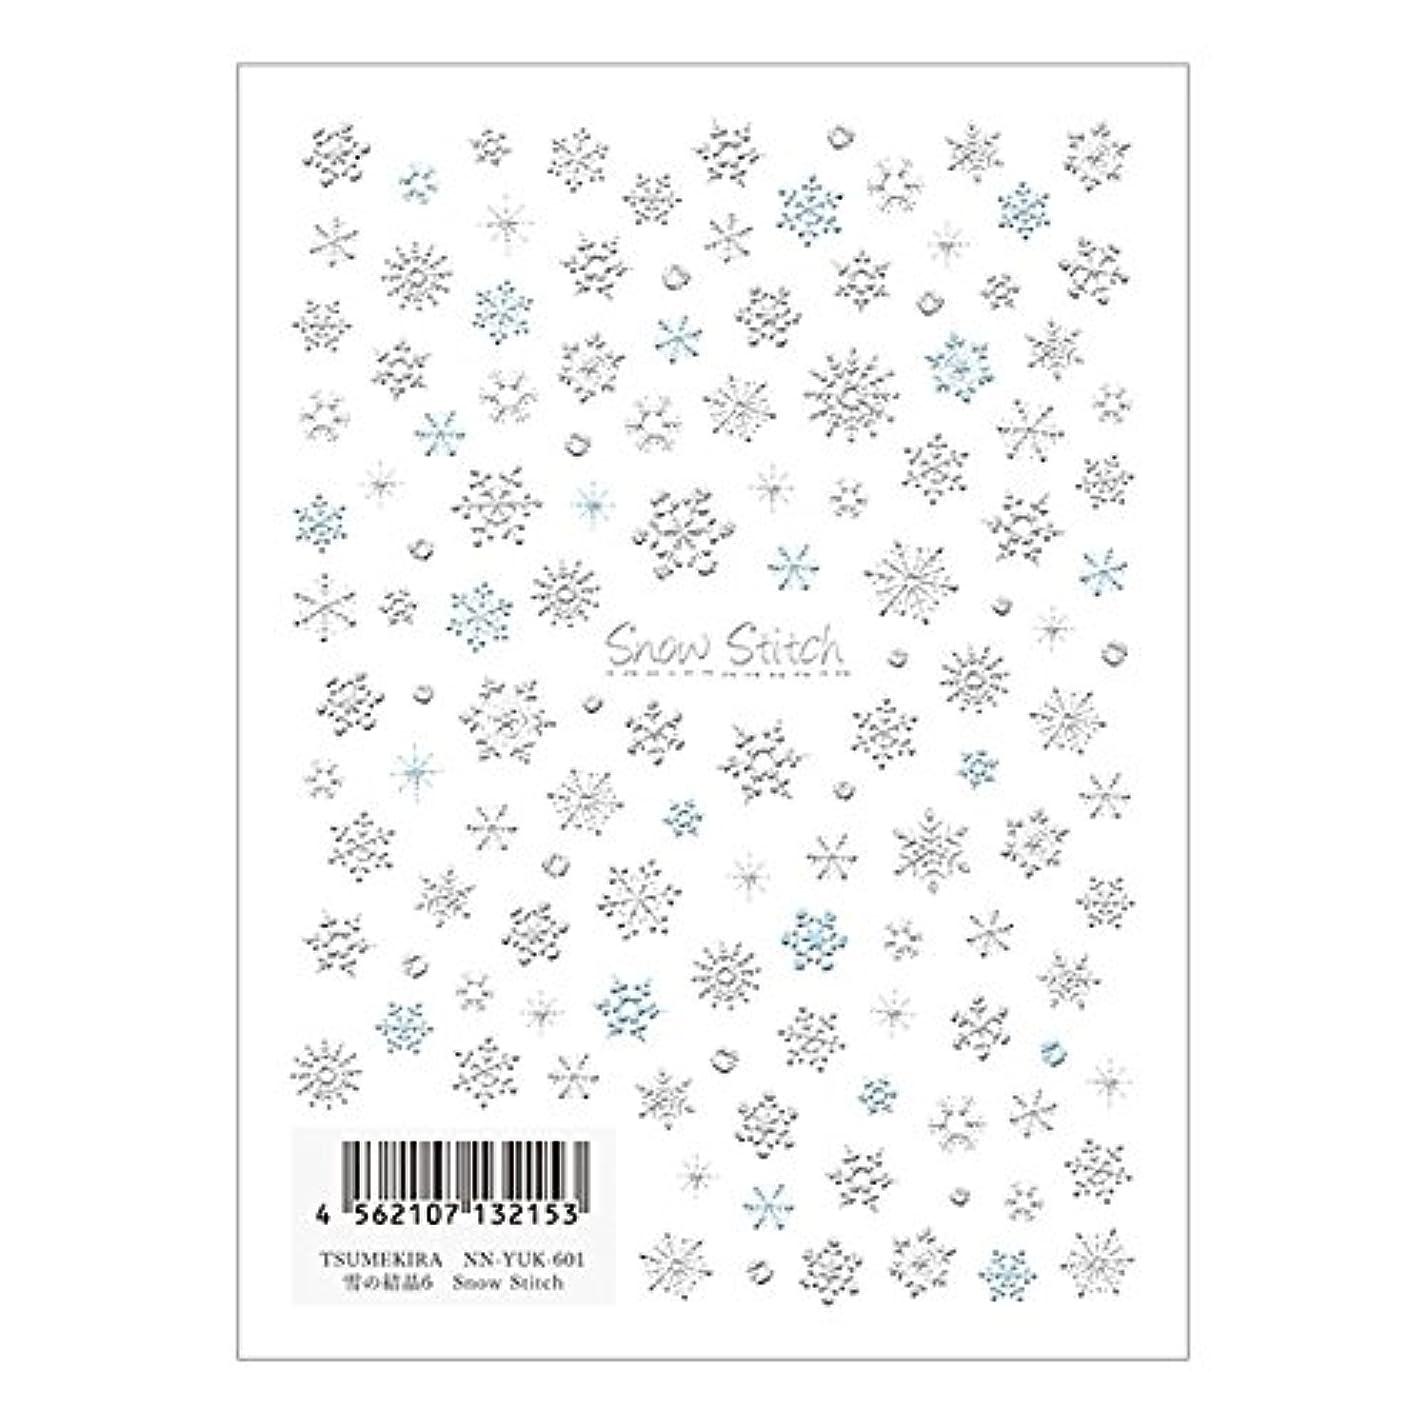 盗難バンド信仰TSUMEKIRA ネイルシール雪の結晶6 NN-YUK-601